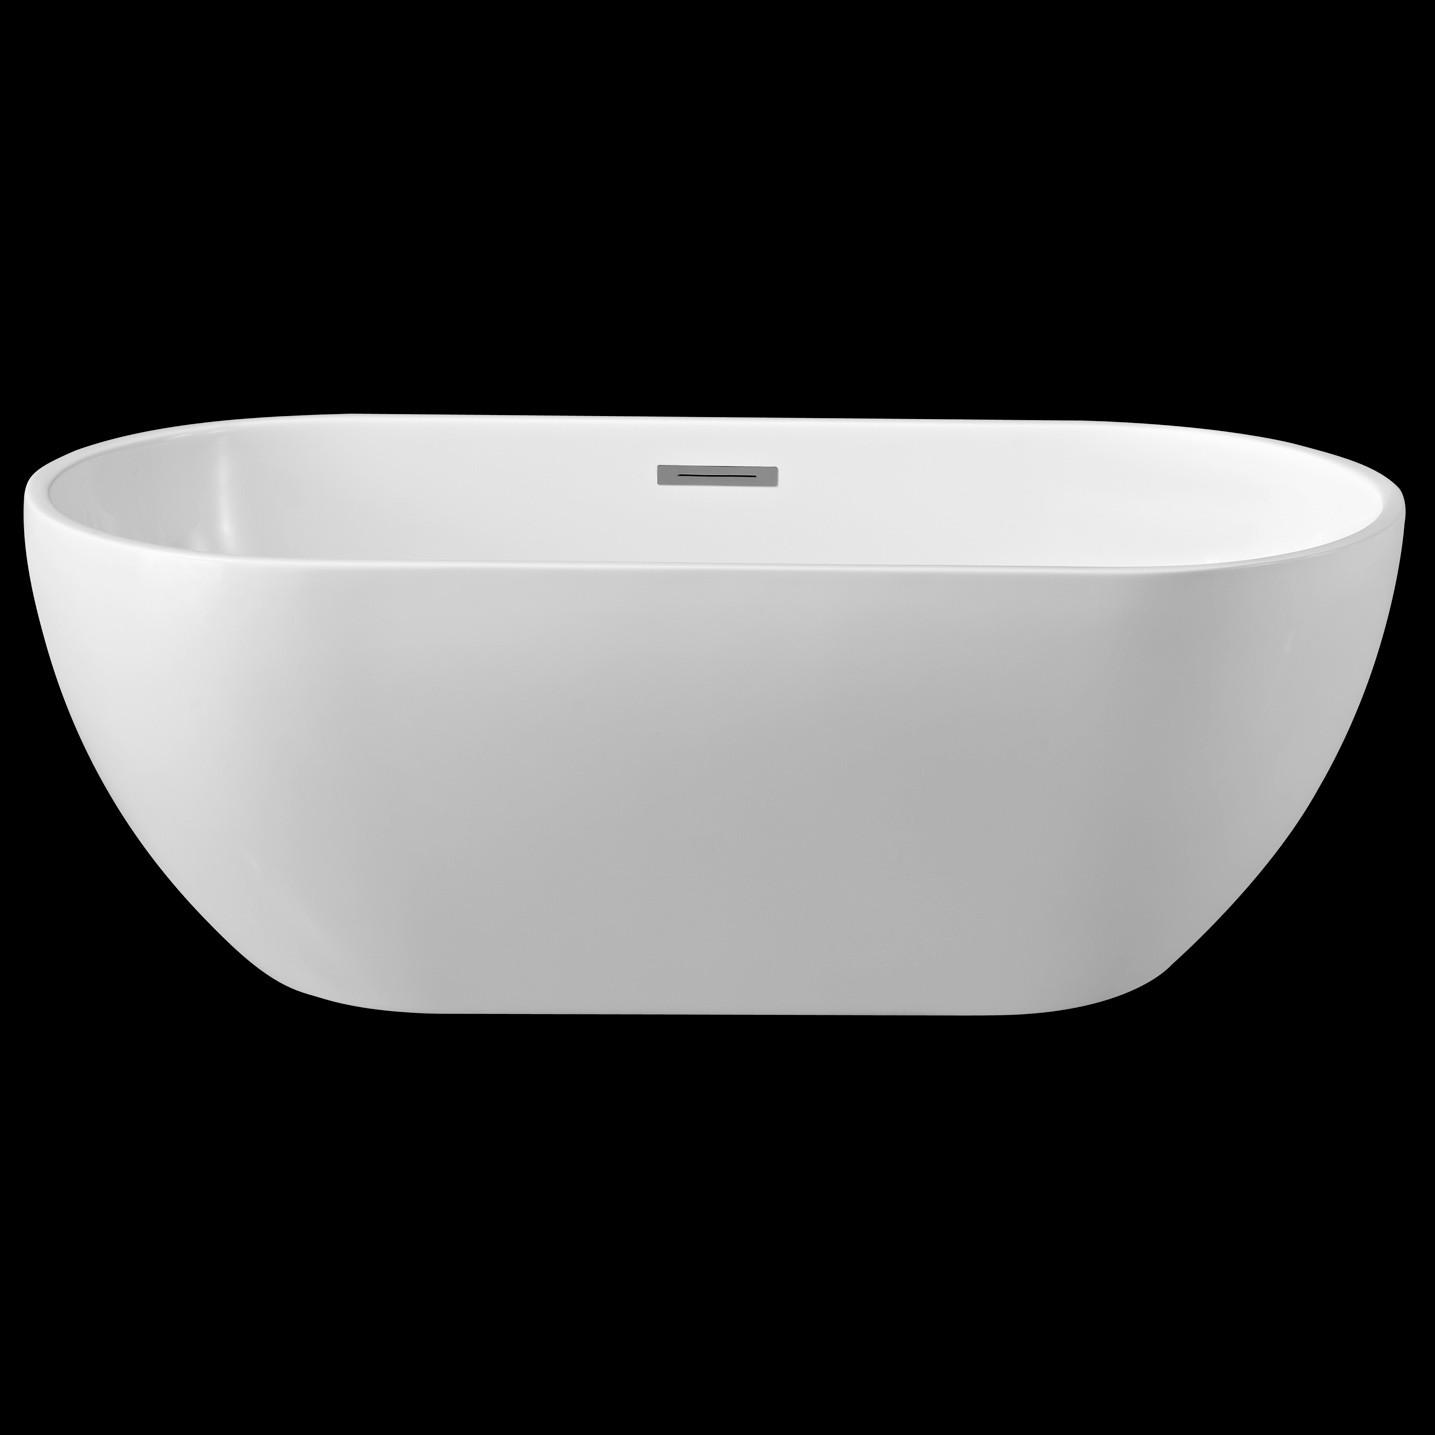 badewanne acryl oder stahl badewanne acryl oder stahl. Black Bedroom Furniture Sets. Home Design Ideas